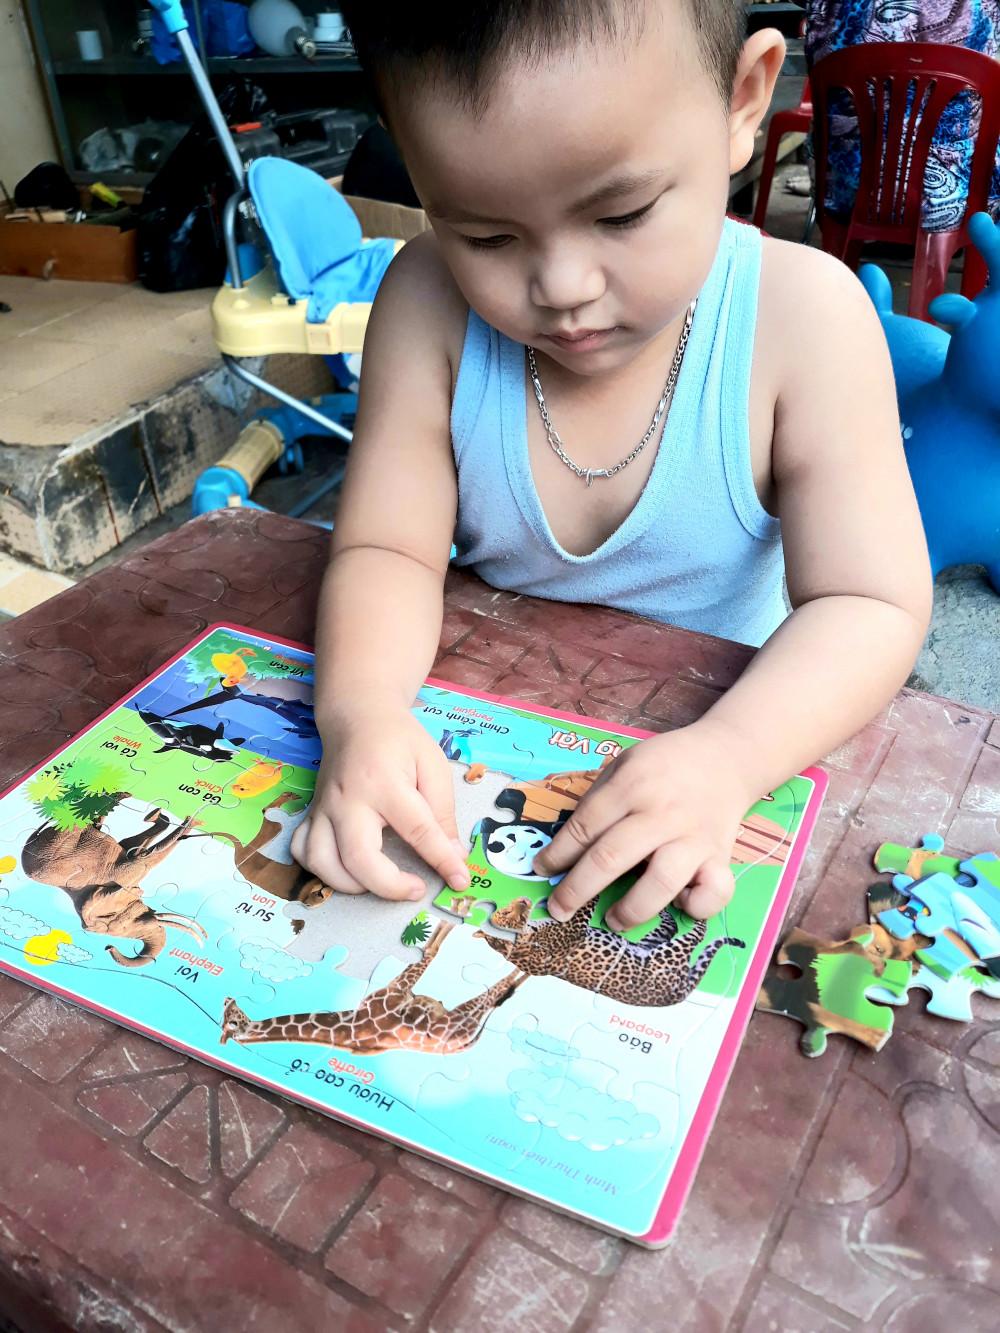 Vũ rất thích học Toán, tiếng Anh và say sưa trước các con vật (Ảnh nhân vật cung cấp)